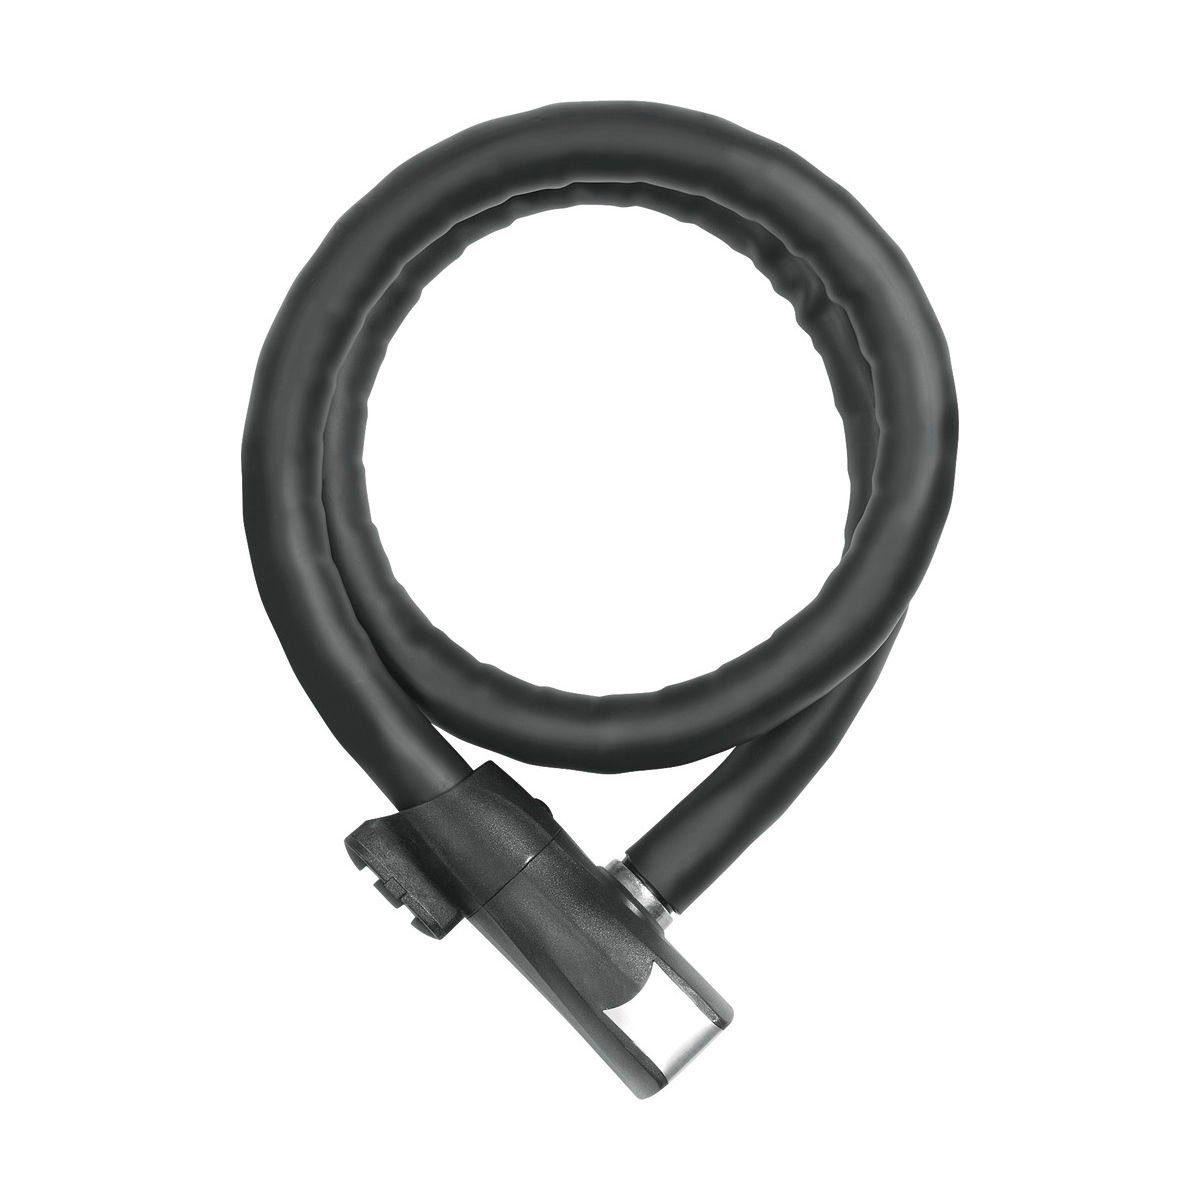 ABUS Fahrradschloss »Steel-O-Flex Centuro 860 QS Kabelschloss«